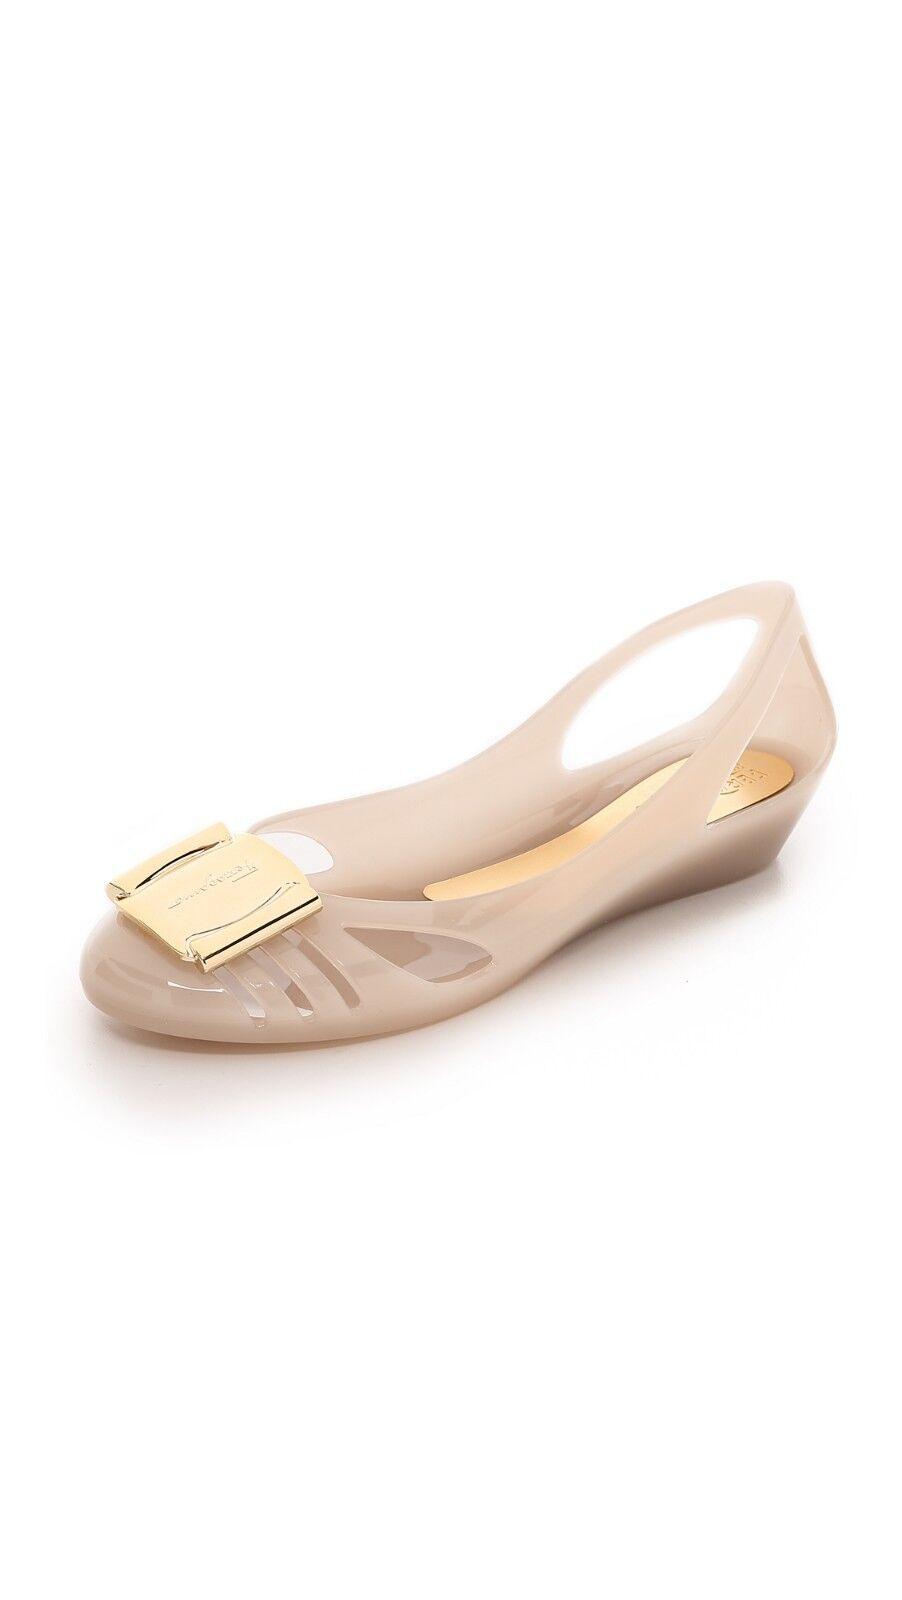 Nuevo Nuevo Nuevo en Caja Salvatore Ferragamo Bermudas Negro Beige Piscina Jelly Ballet a534c9